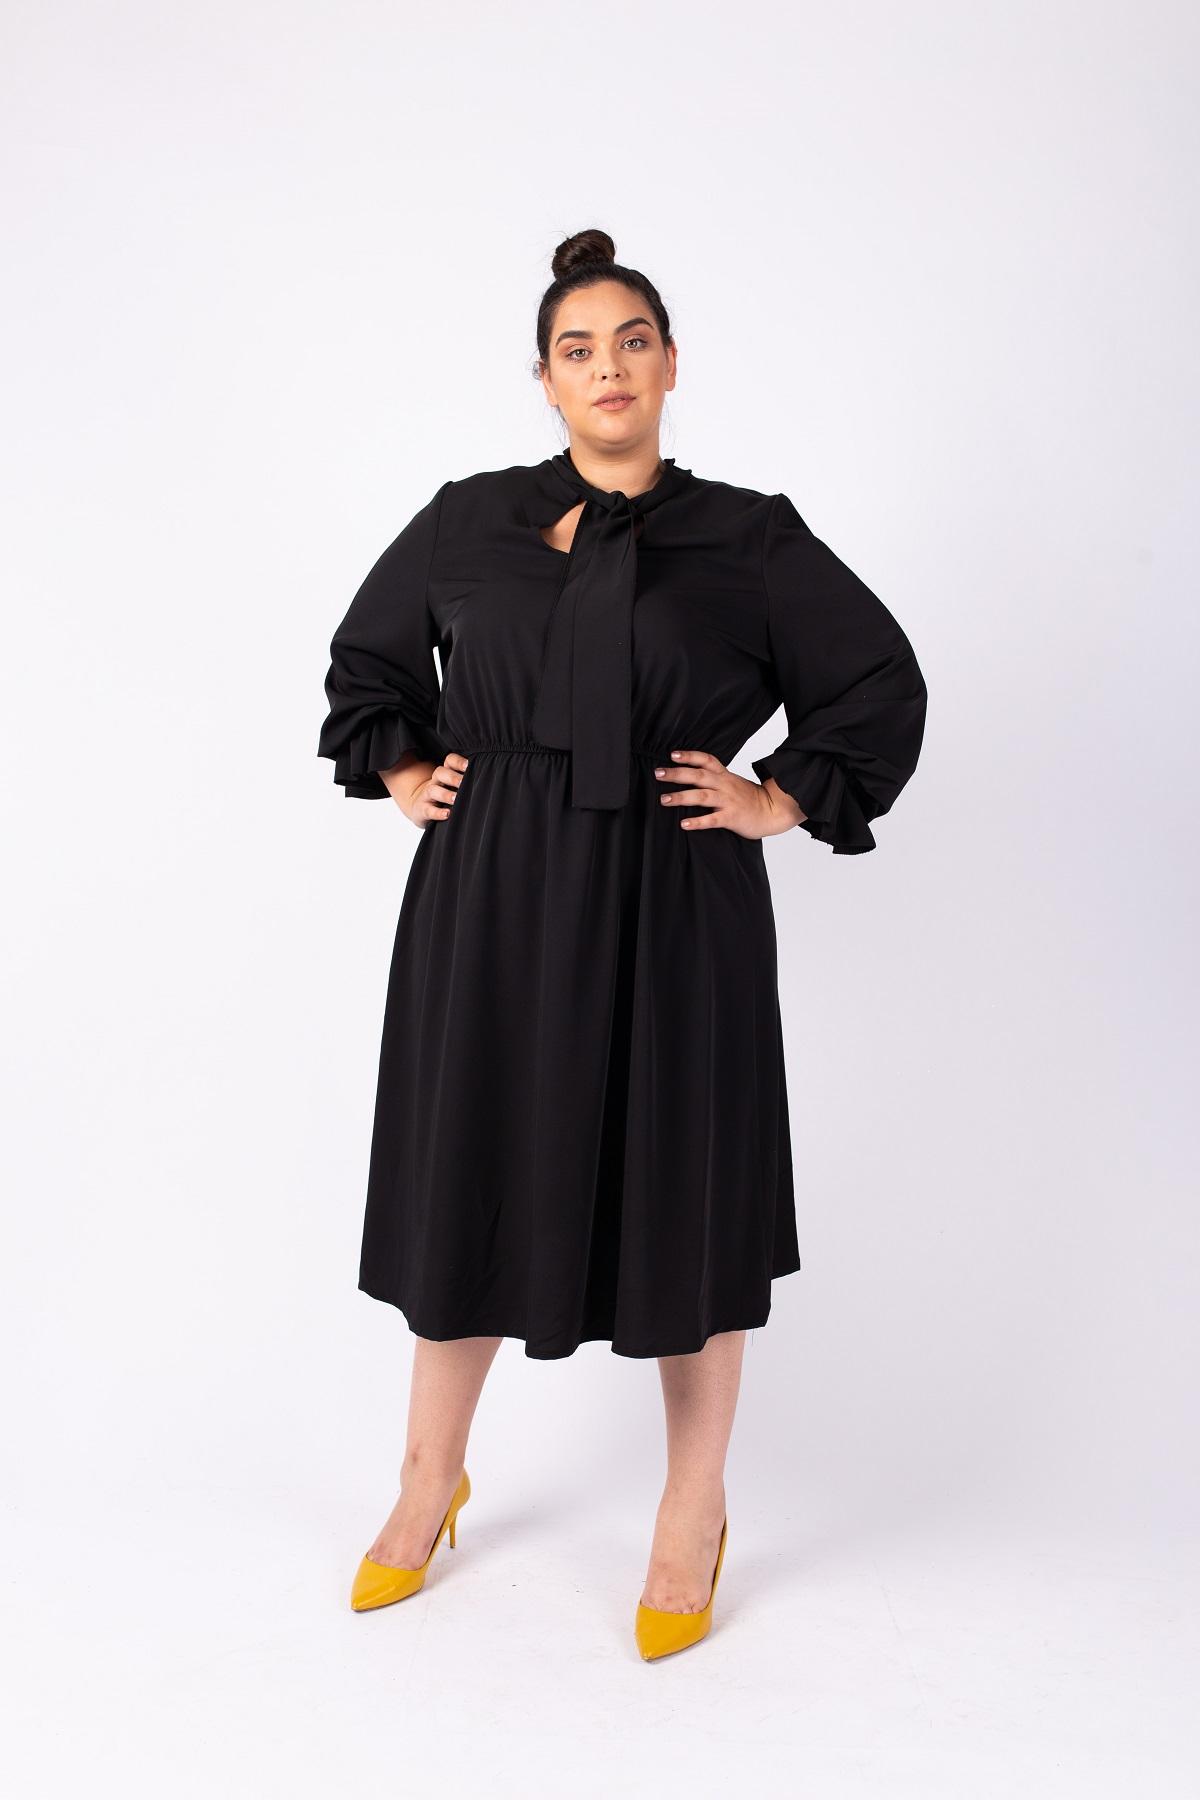 שמלת גאיה שחורה